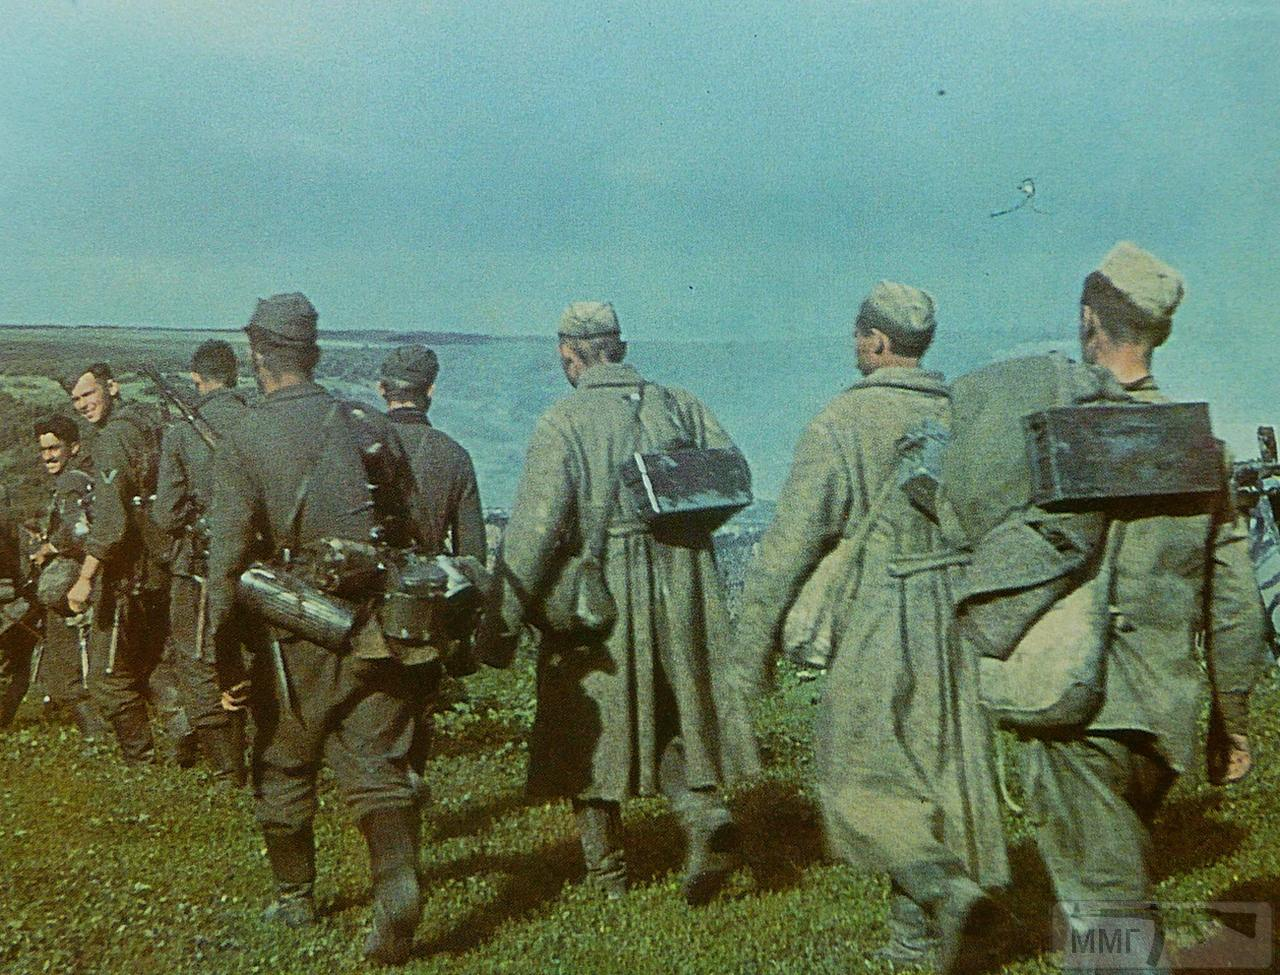 71659 - Военное фото 1941-1945 г.г. Восточный фронт.